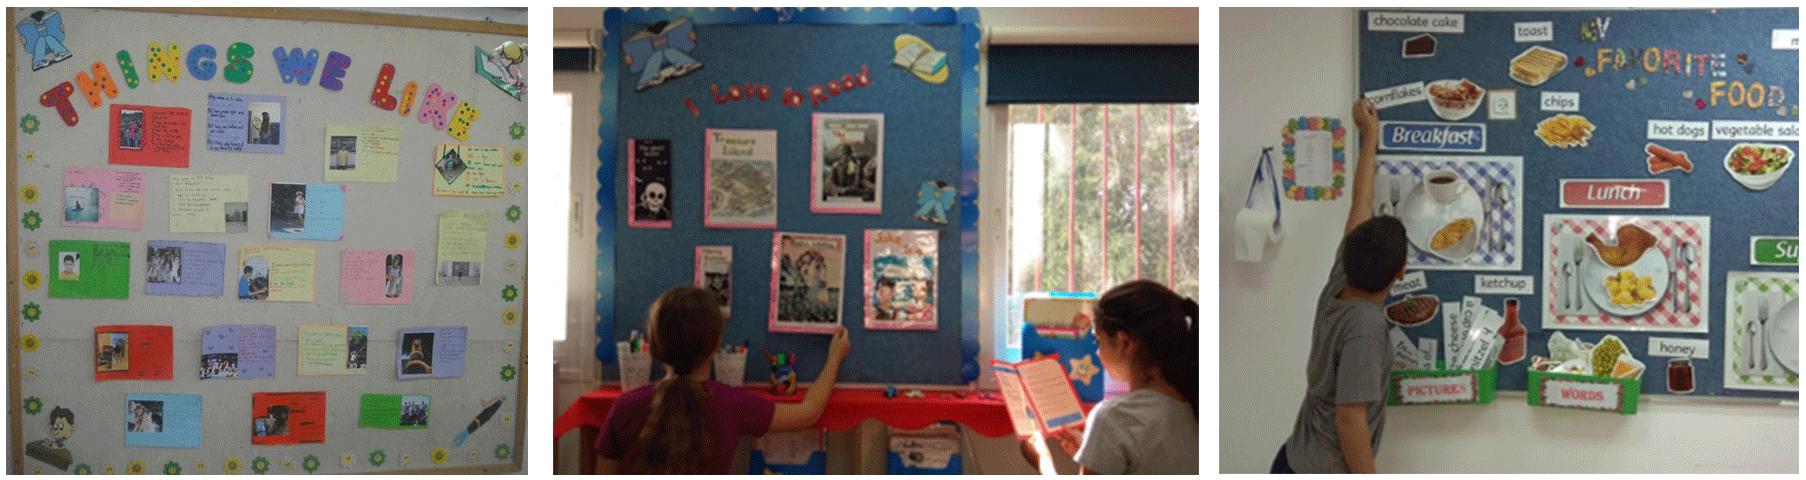 שיתוף נרחב של התלמידים בעיצוב הסביבה הלימודית באנגלית